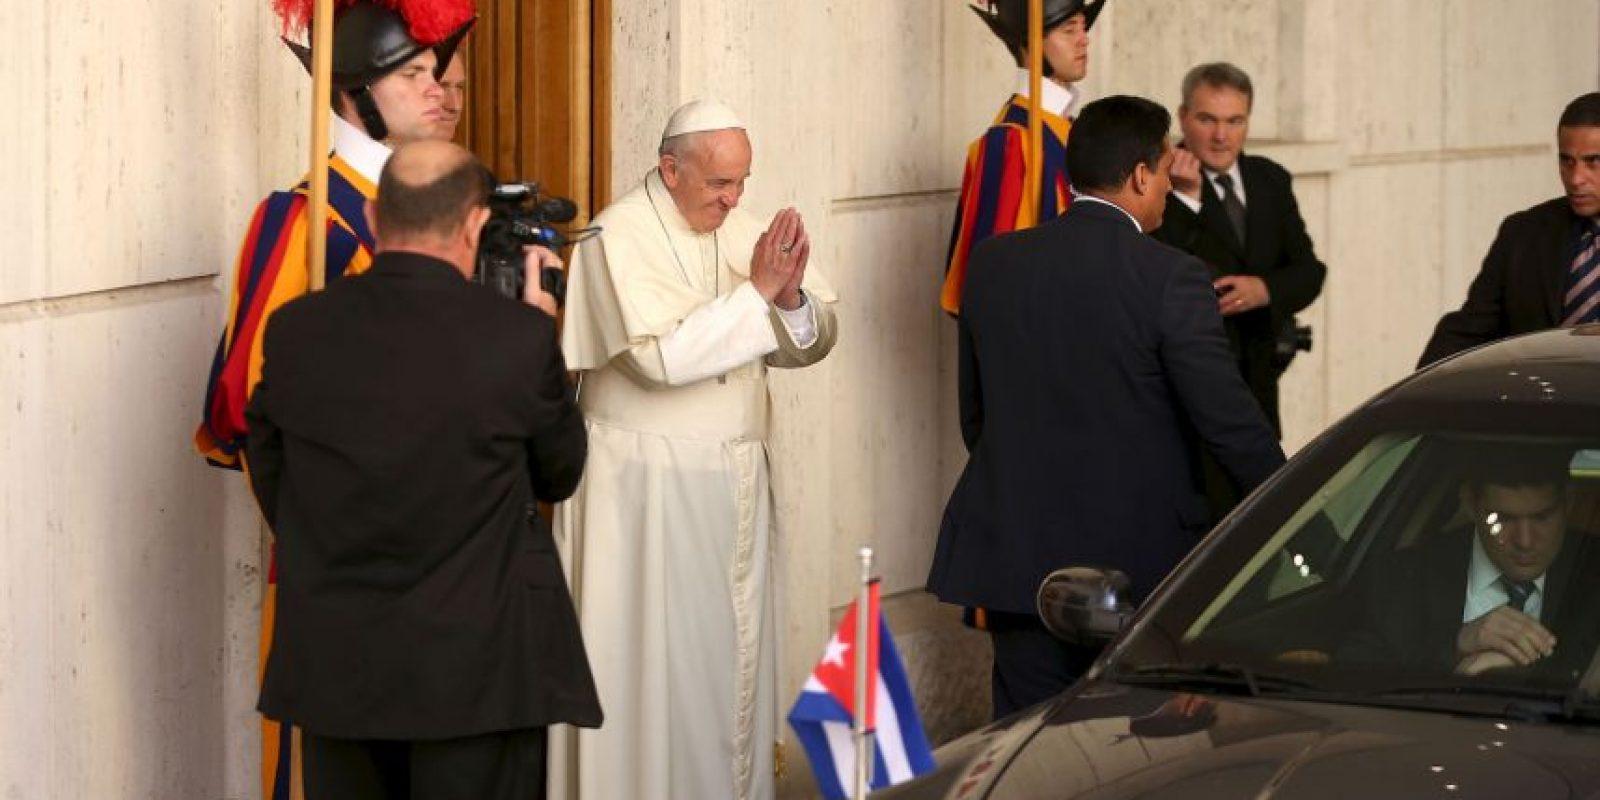 La reunión se celebró en el estudio y salones adyacentes al Aula Pablo VI. Foto:Getty Images